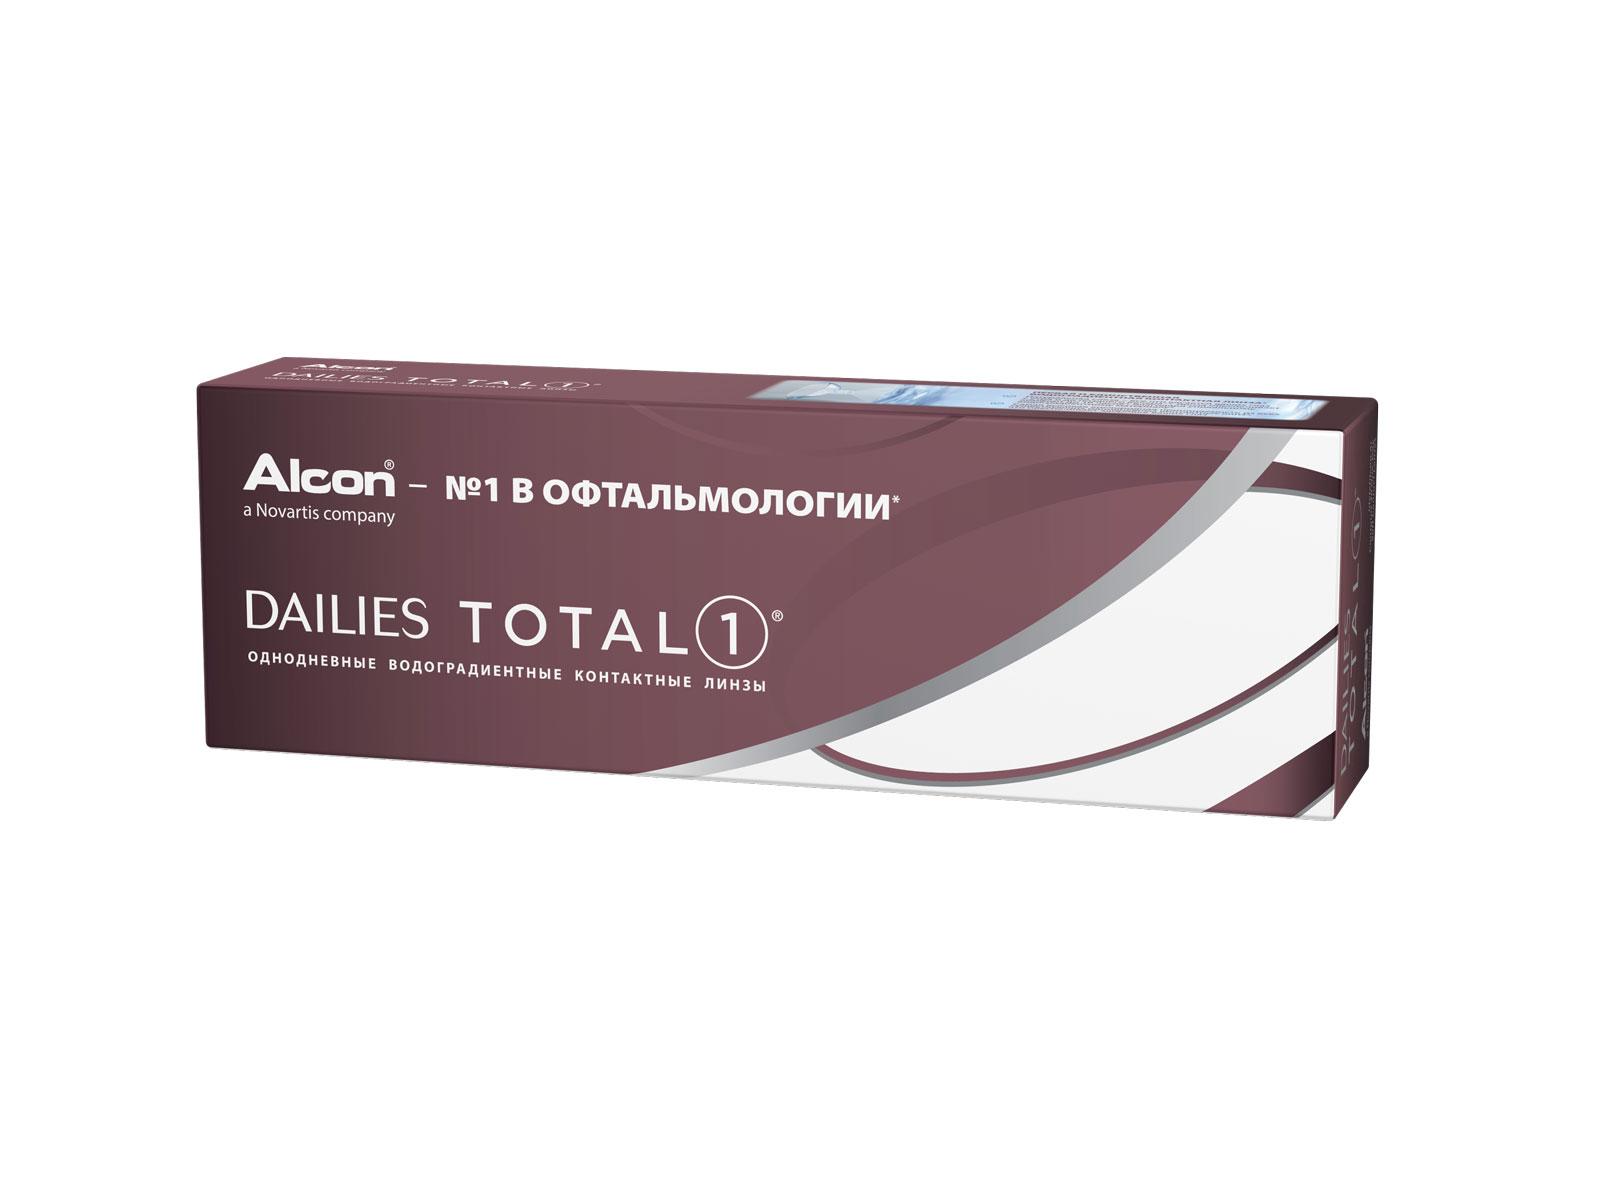 Alcon контактные линзы Dailies Total 1 30pk /-3.25 / 8.5 / 14.1100020748Dailies Total 1 – линзы, которые не чувствуешь с утра и до поздного вечера. Эти однодневные контактные линзы выполнены из уникального водоградиентного материала, багодаря которому натуральная слеза – это все, что касается ваших глаз. Почти 100% влаги на поверхности обеспечивают непревзойденный комфорт до 16 часов ношения.